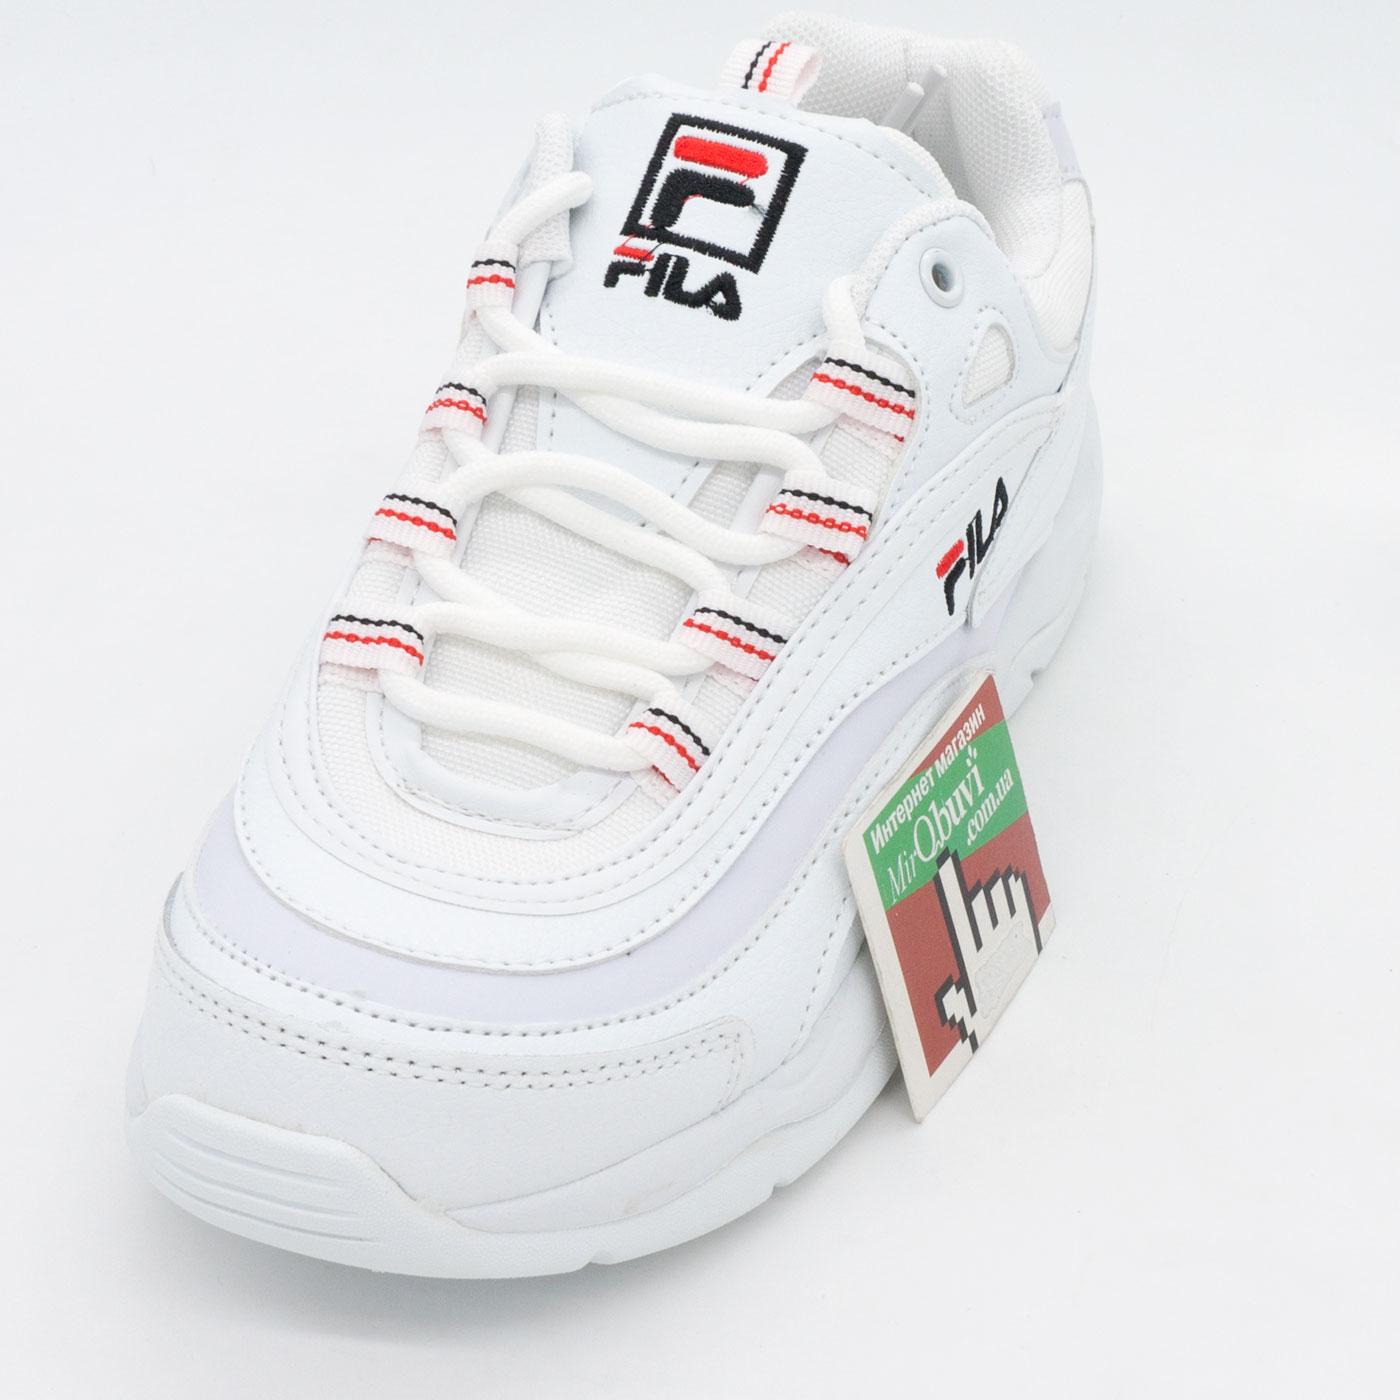 фото front Женские полностью белые кроссовки FILA Ray.  front